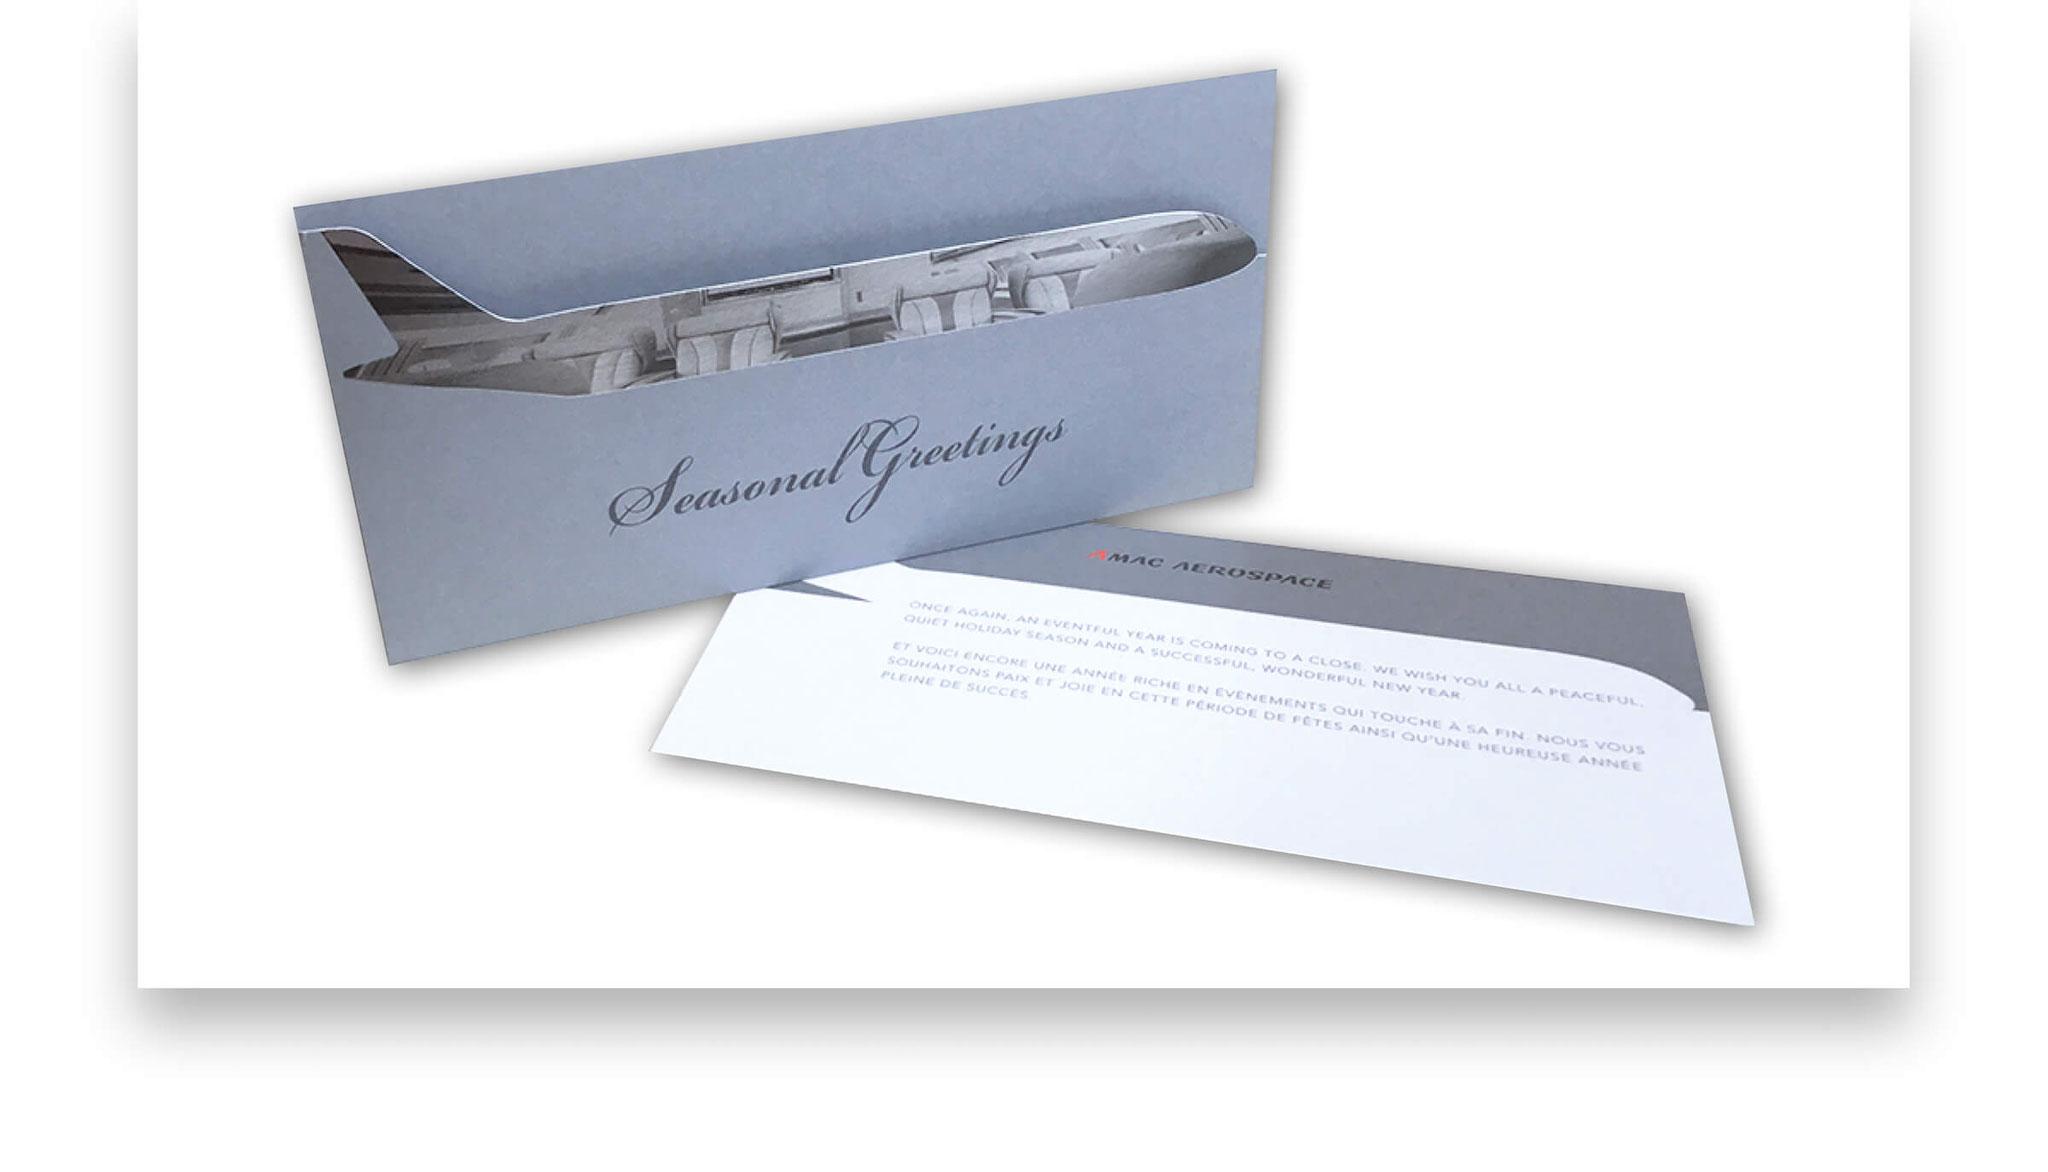 Weihnachtskarte mit Einleger und mehrfachen Veredlungen wie Stanzung und SW-Druck auf Heissfolie Silber.